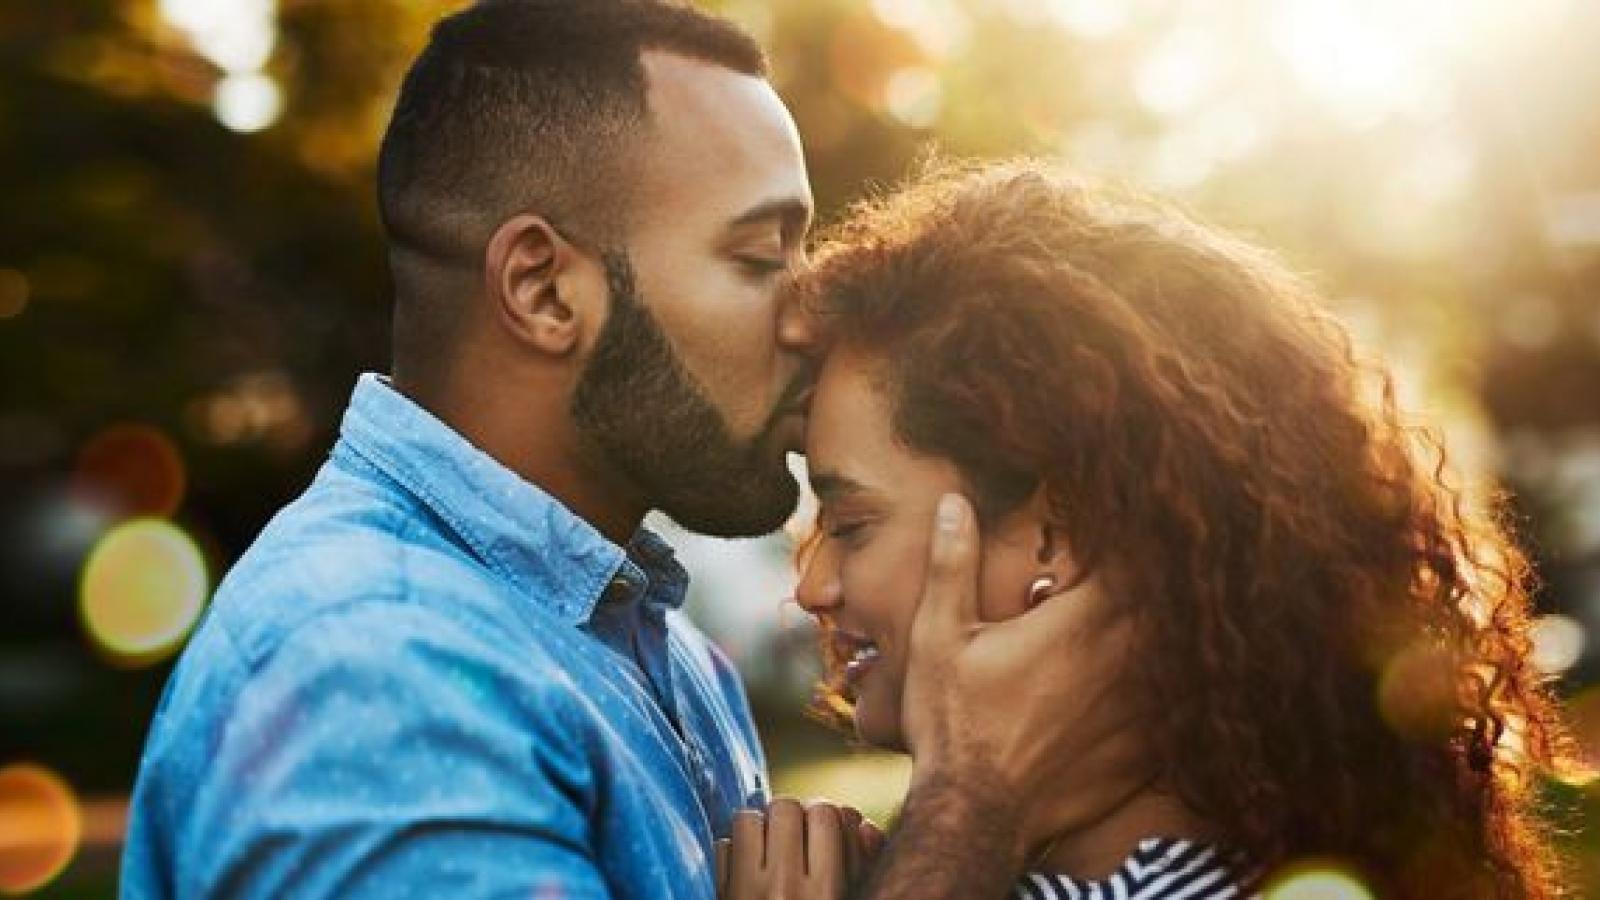 Những điều cần nhớ để tăng thêm sự tin tưởng trong mối quan hệ